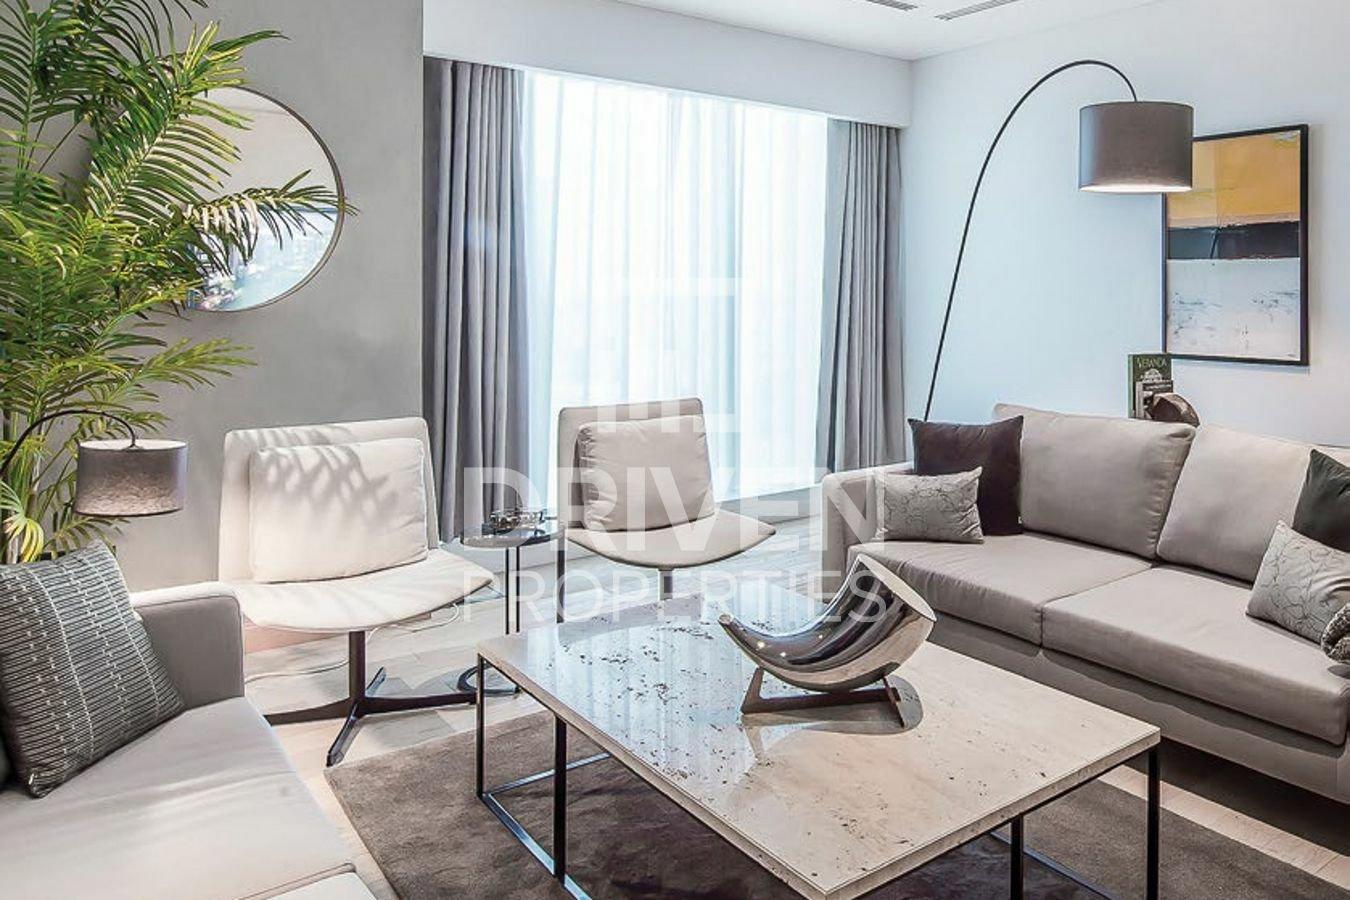 Apartment in Dubai, Dubai, United Arab Emirates 1 - 11654881